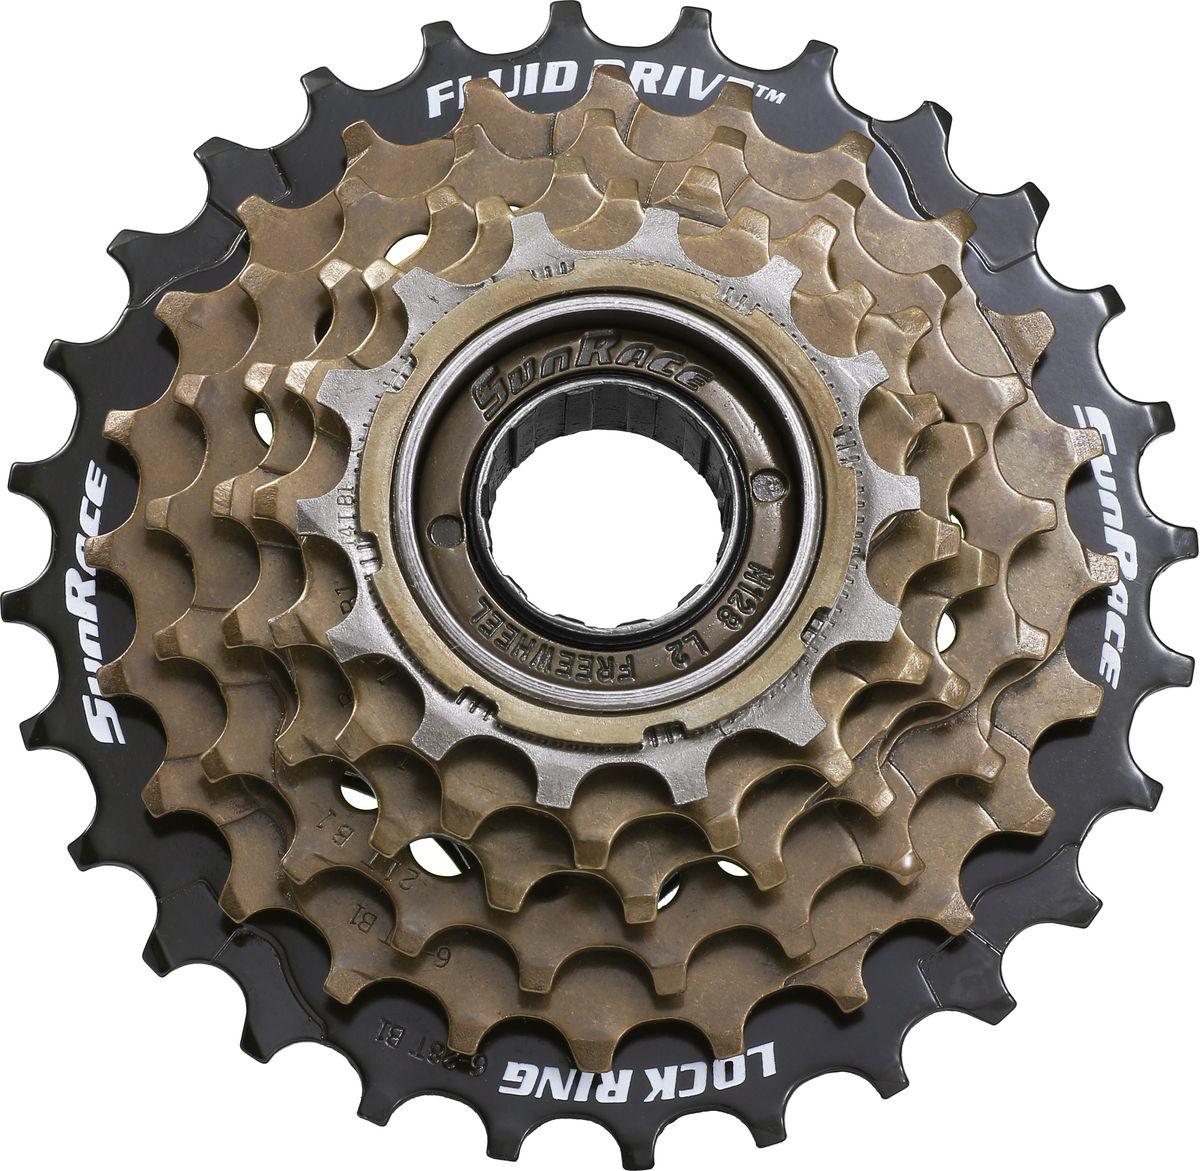 Трещотка Bike Attitude M2A6DS, 6 скоростейMHDR2G/AКлассическая трещотка на 6 скоростей. Подходит для задних втулок велосипедов на 6 скоростей трещоточного типа. Набор высокопрочных стальных звезд дают максимально широкий диапазон передаточных чисел, комфортный практически при любом стиле езды.• 6 скоростей• Набор звезд 14-16-18-21-24-28• Для задних втулок трещоточного типаBIKE ATTITUDE – это крупнейший Тайваньский производитель высококачественных велосипедных аксессуаров и запчастей. Уже более 10-и лет Bike Attitude представляет свои товары в 15 странах мира.